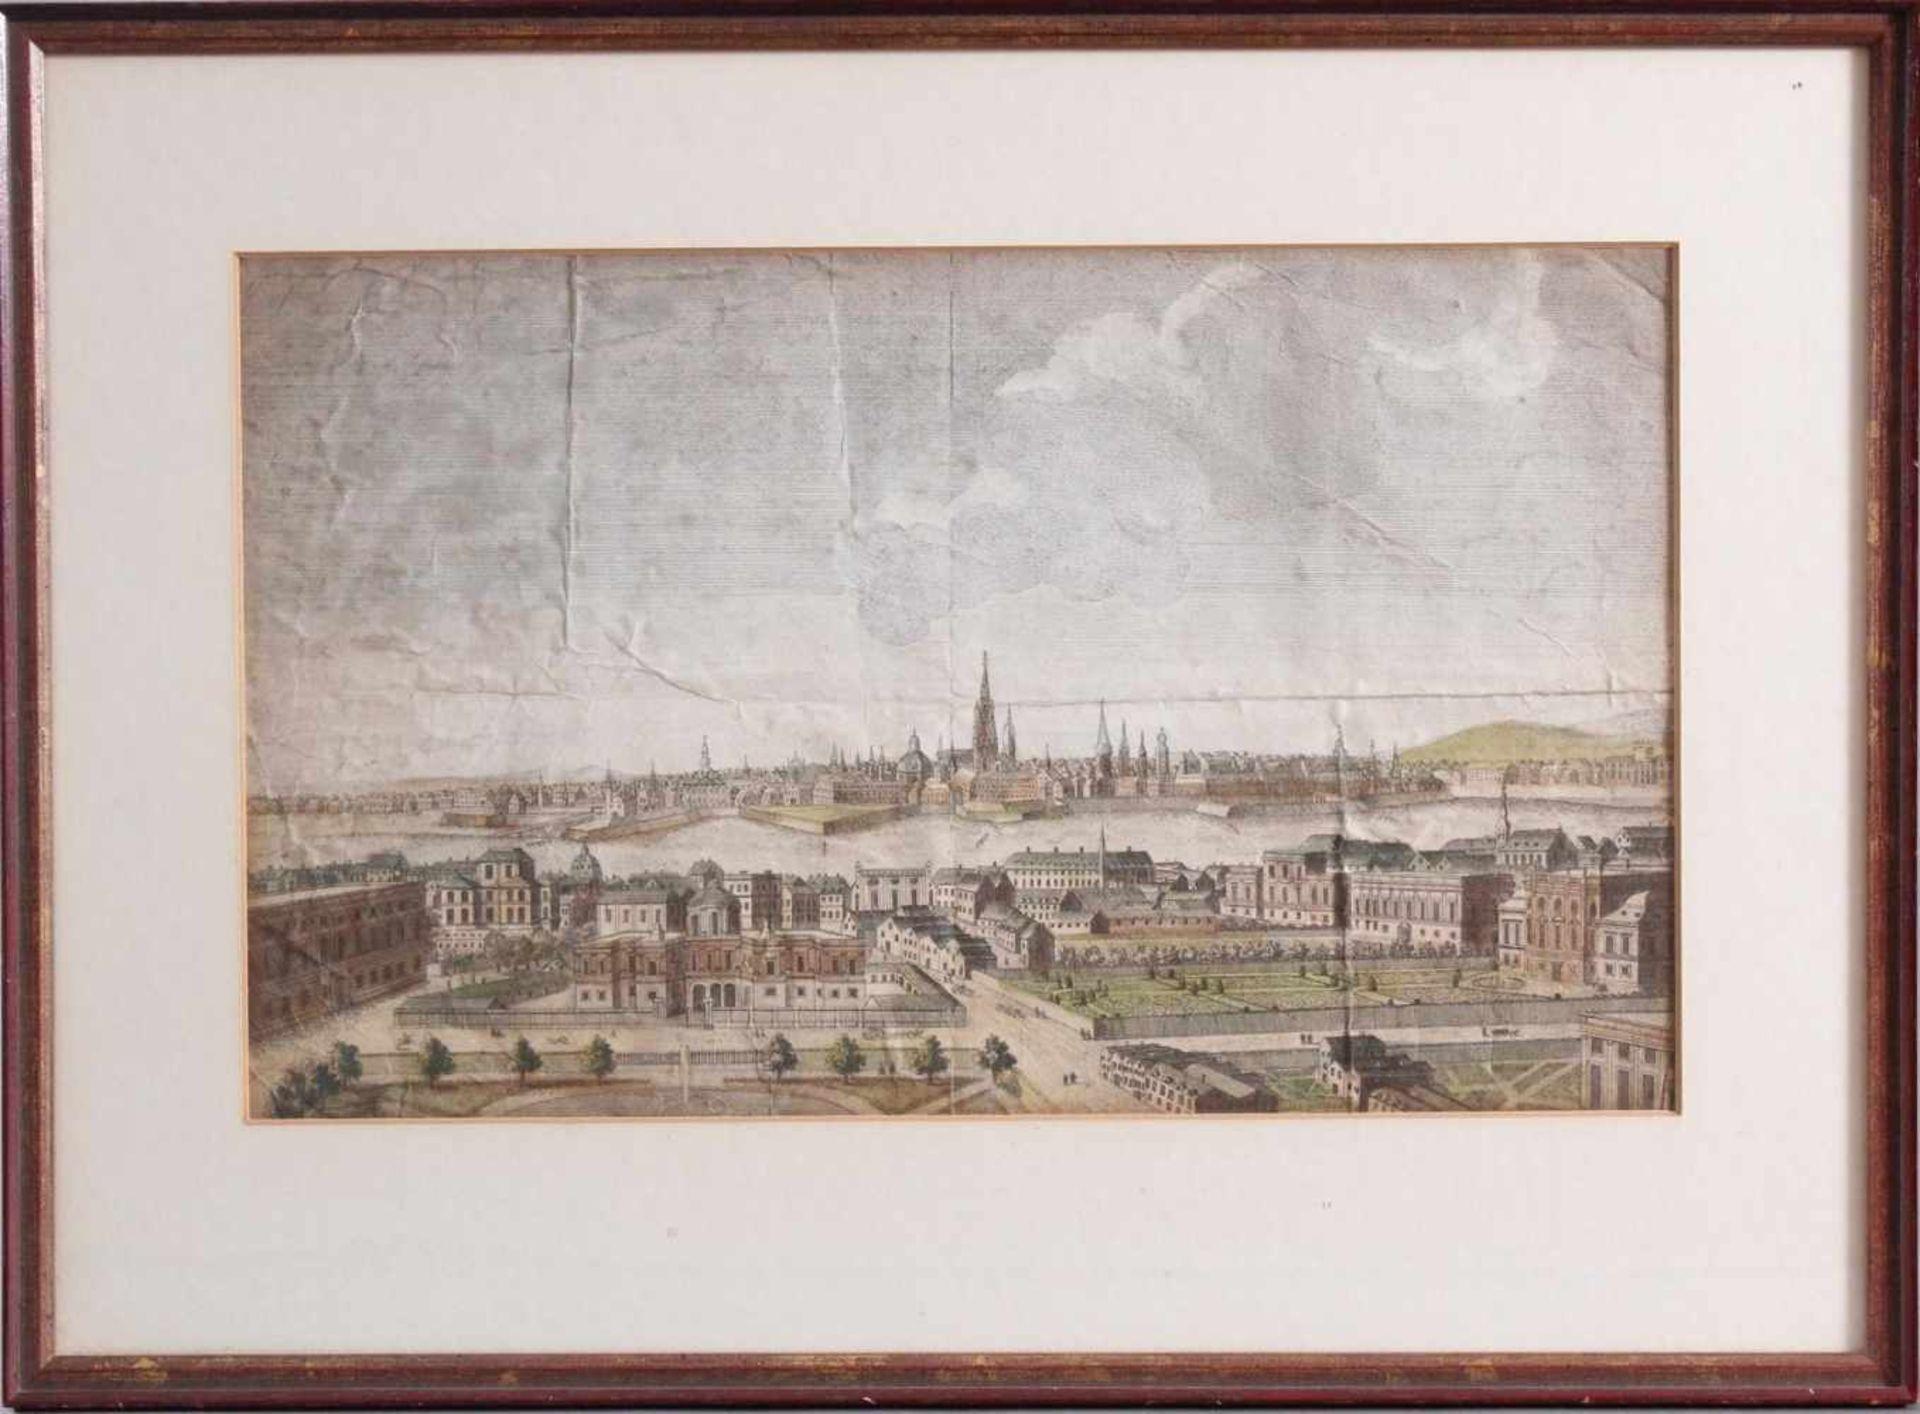 Kupferstich aus dem 18. Jahrhundert, A general view of the City of Vienna, anonymer